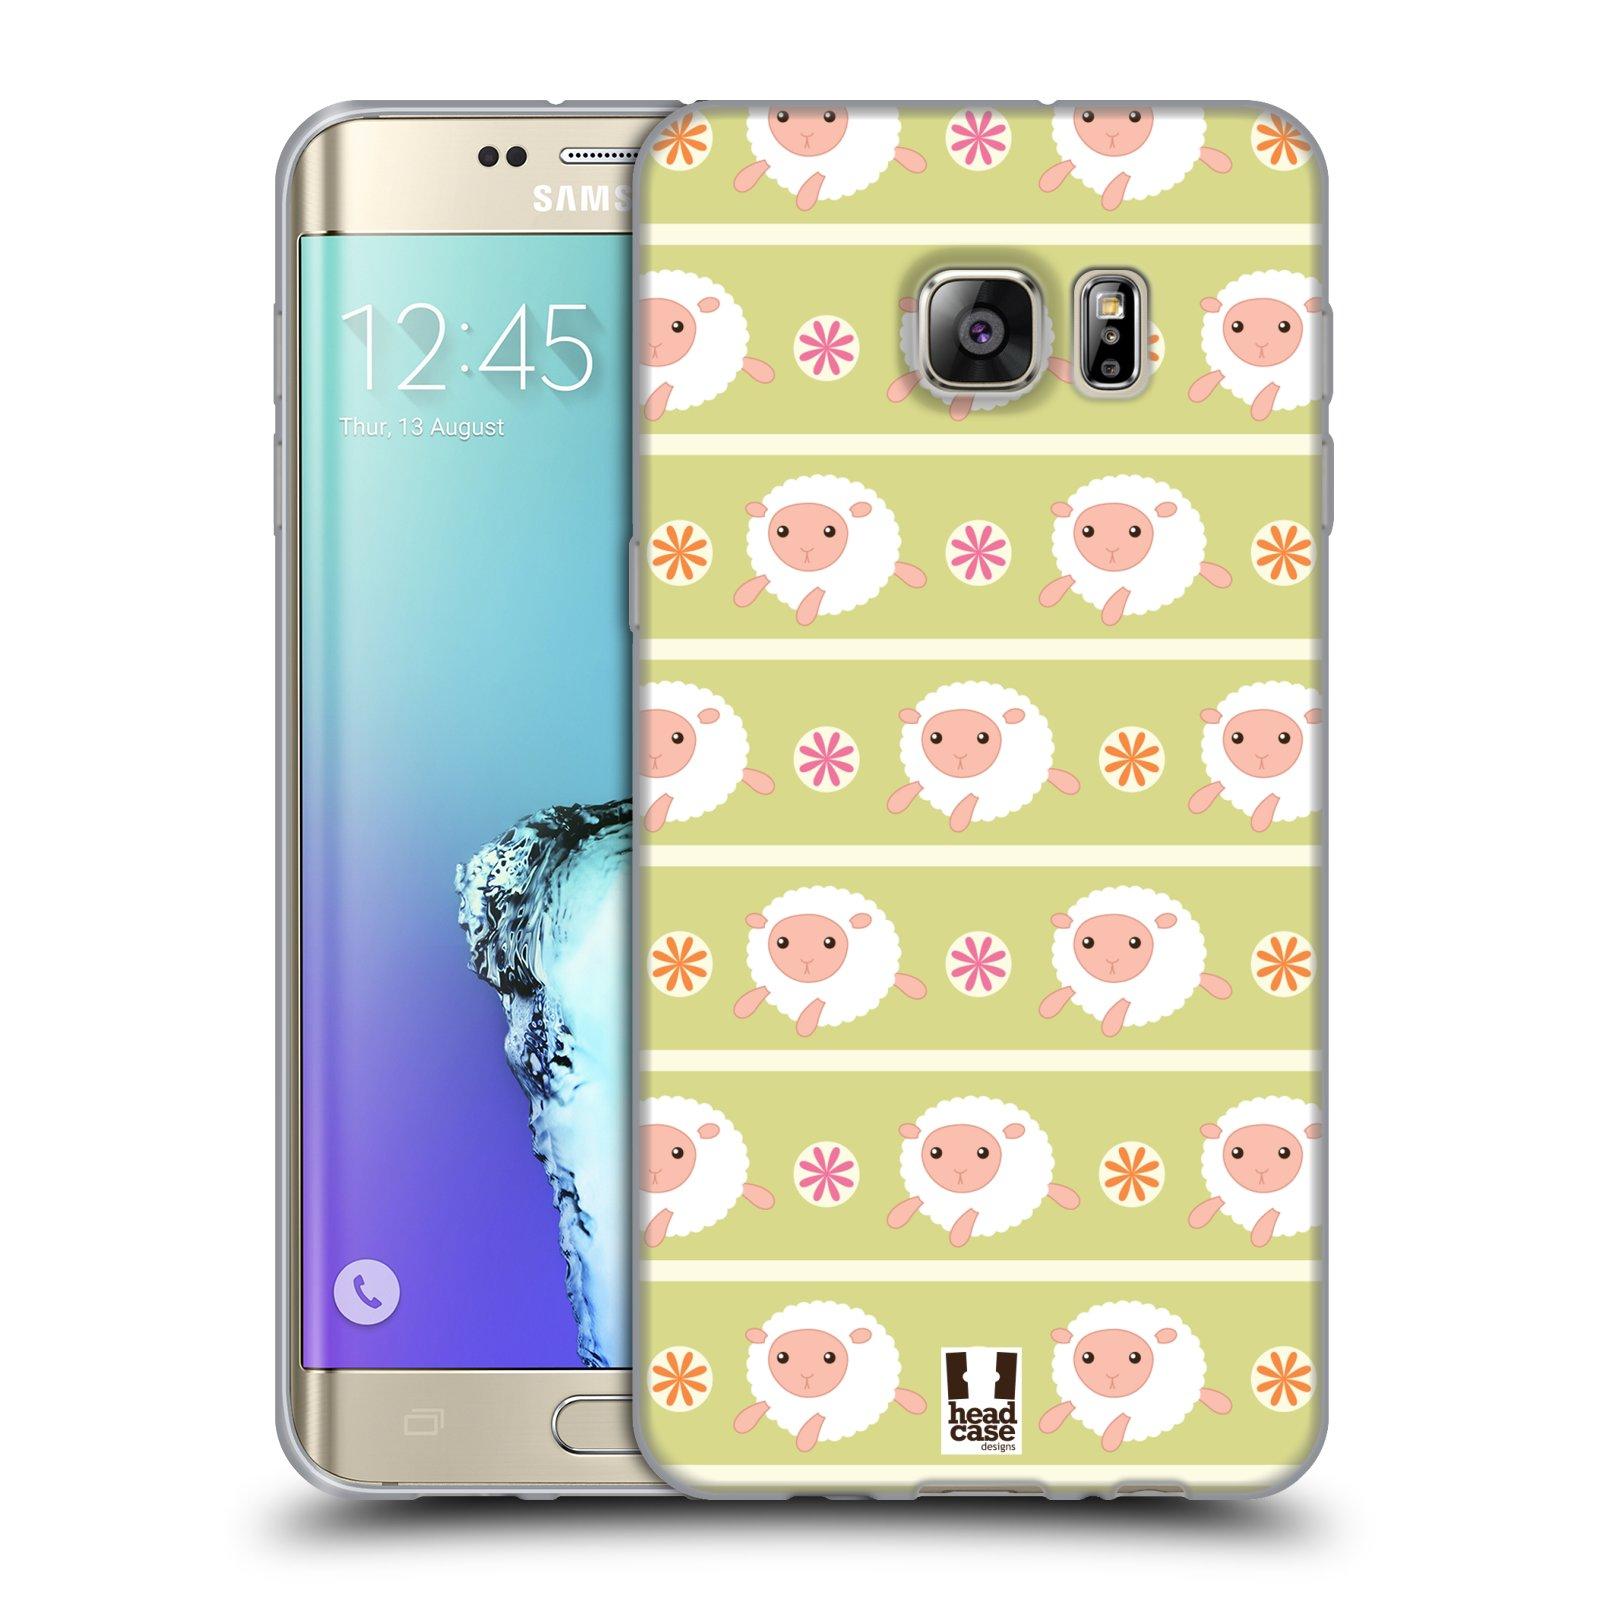 HEAD CASE silikonový obal na mobil Samsung Galaxy S6 EDGE PLUS vzor roztomilé zvířecí vzory ovečky